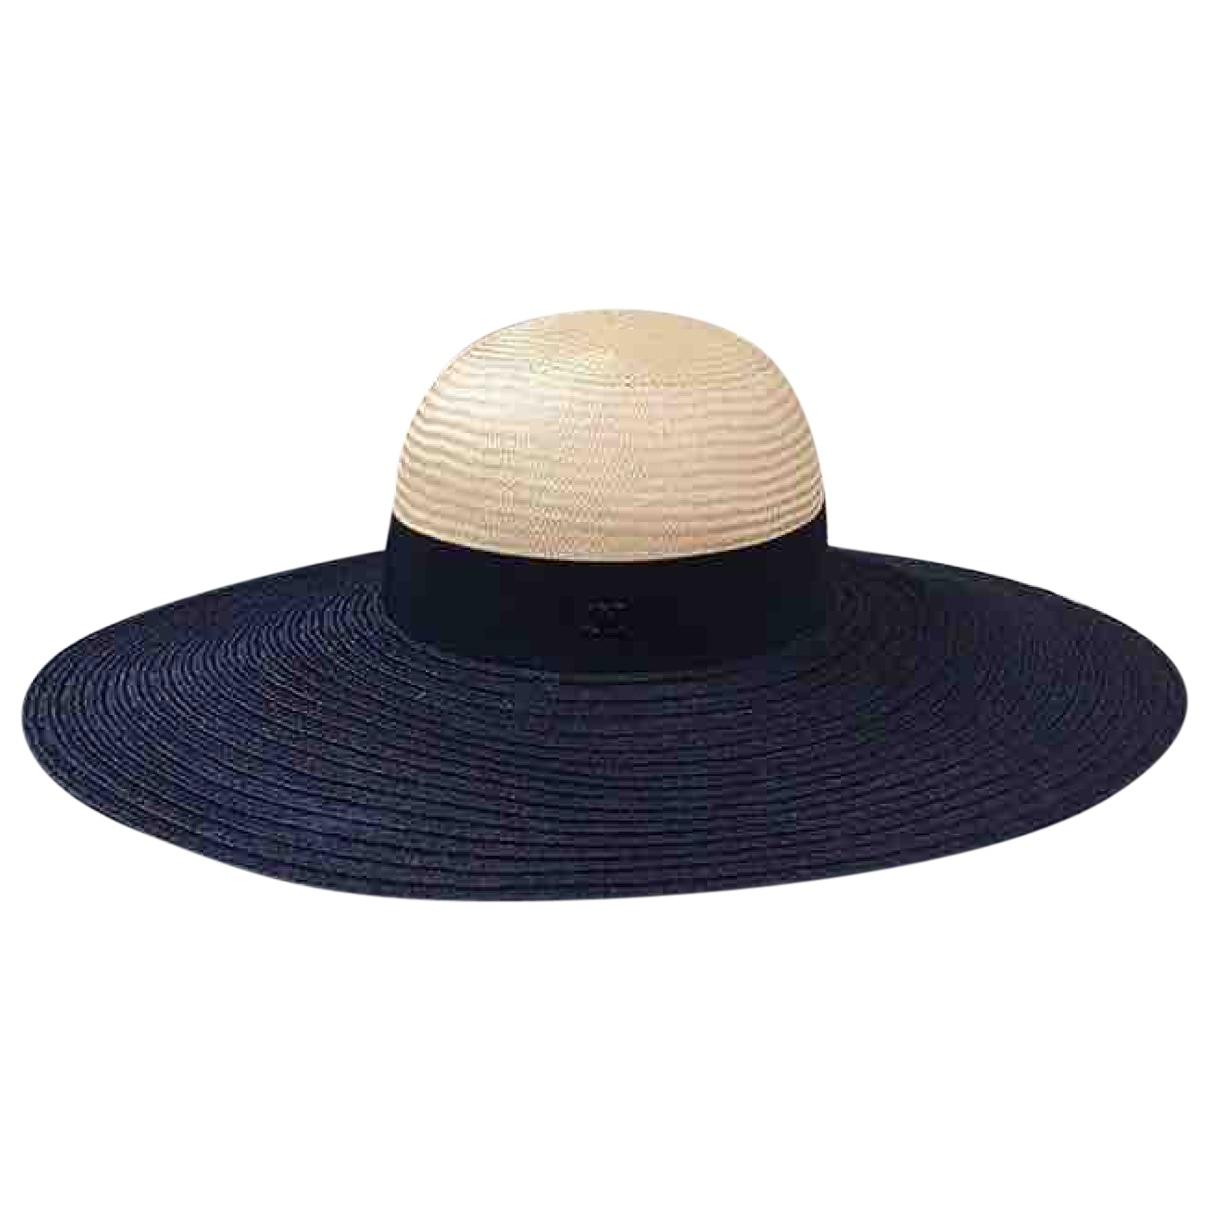 Chanel \N Black Wicker hat for Women M International